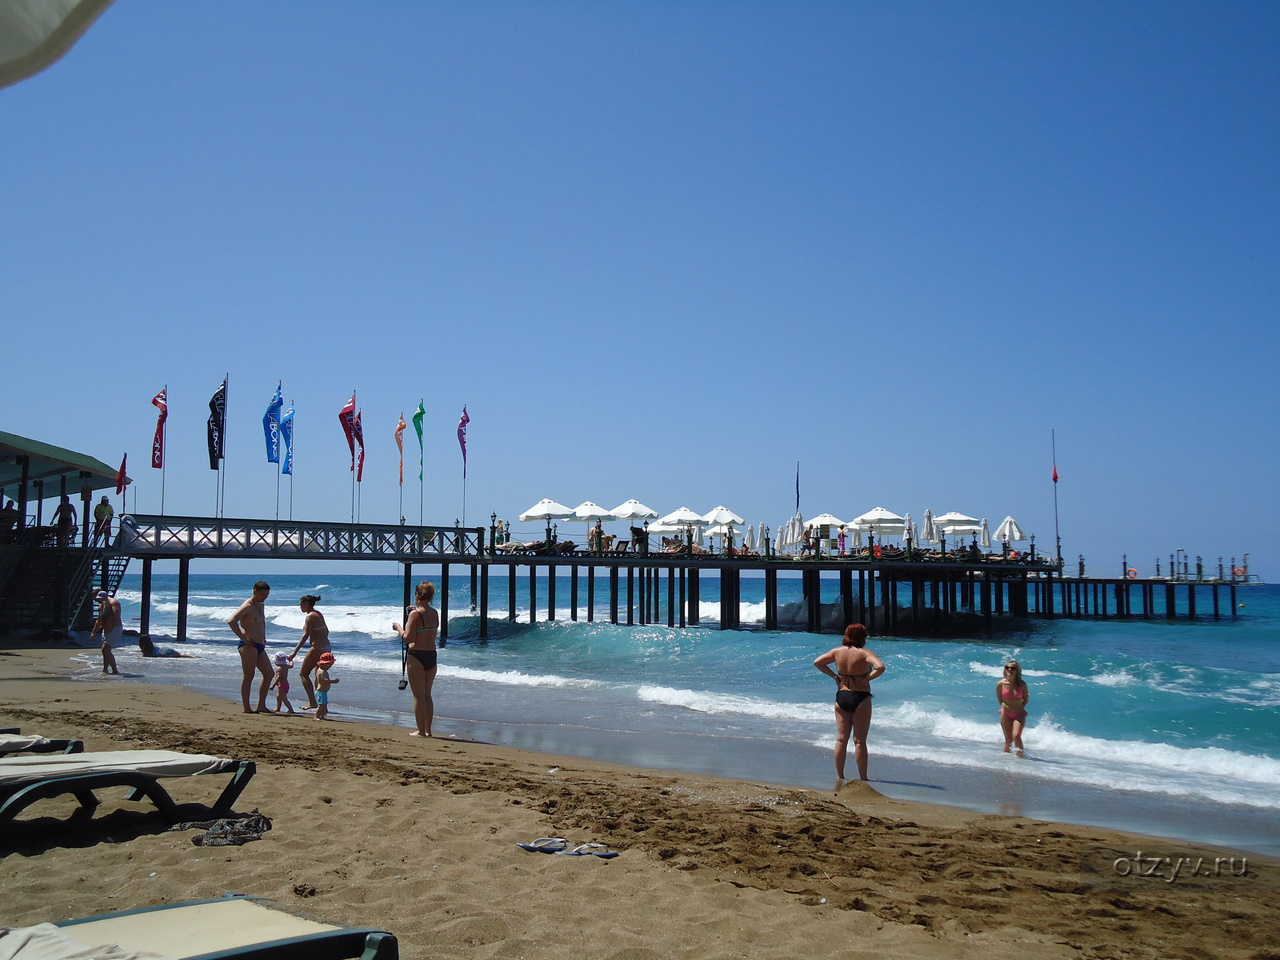 Утопия турция фото пляжа